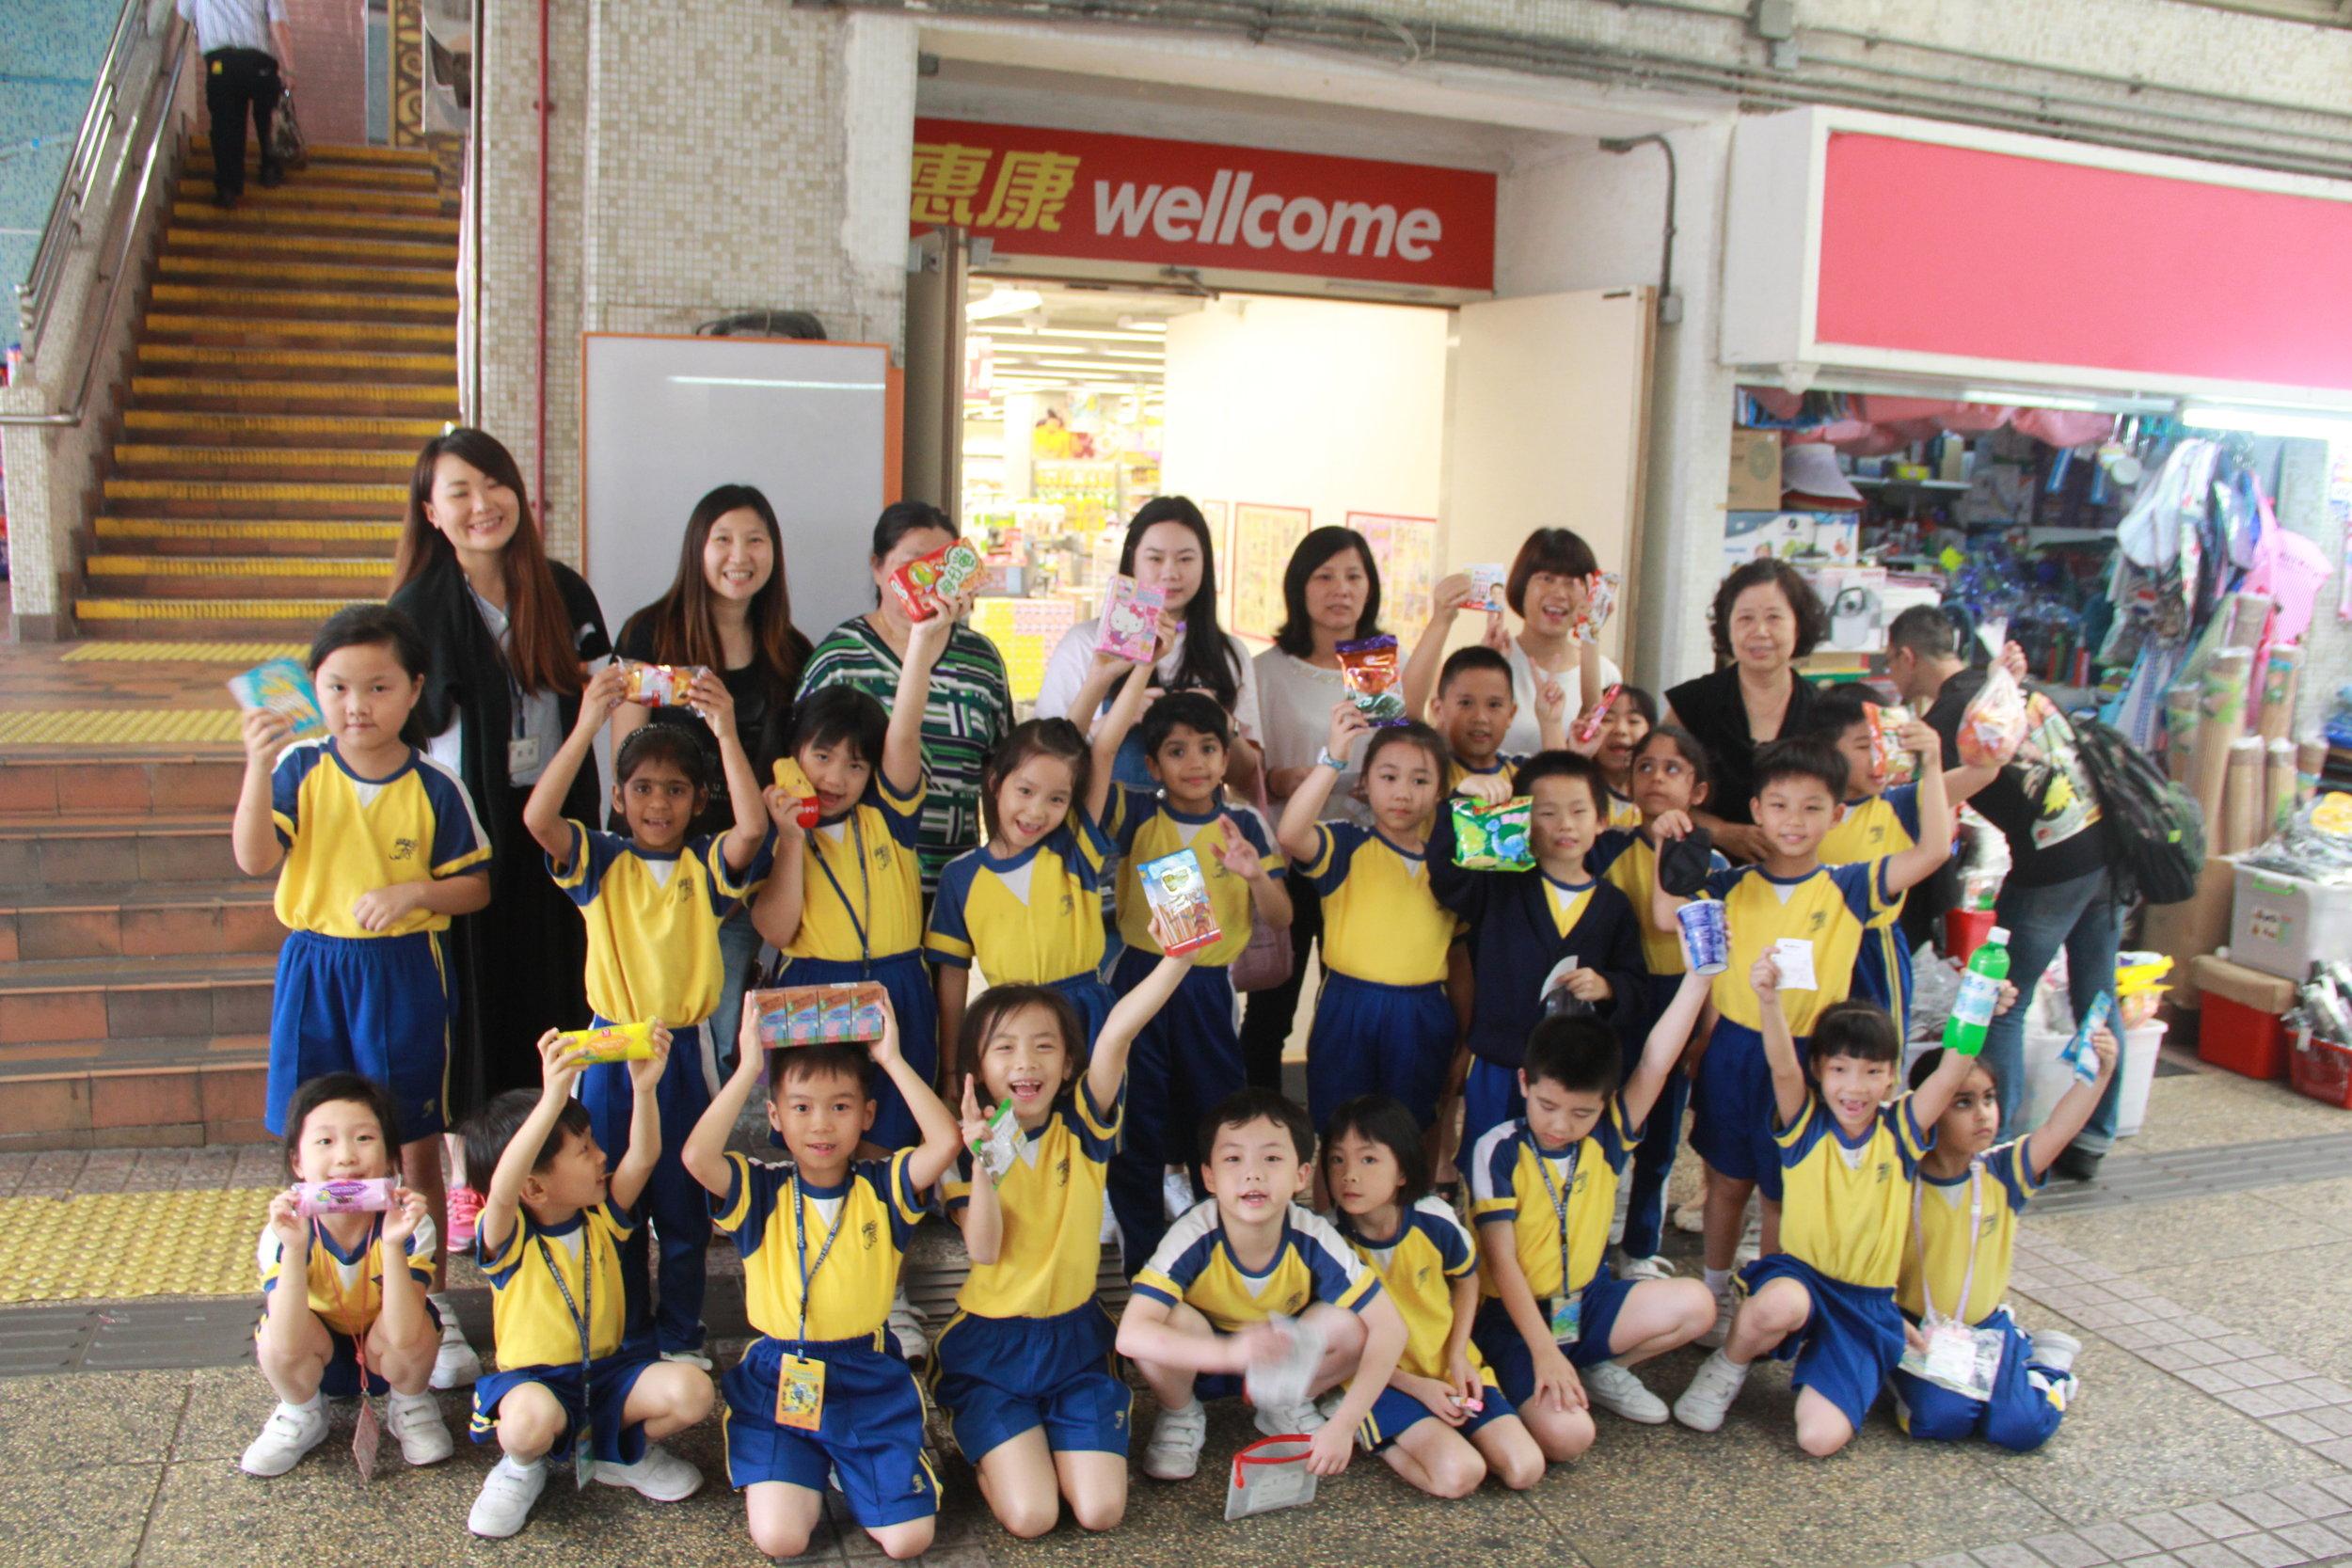 全班同學與完成購物後,與老師及家長義工的大合照。